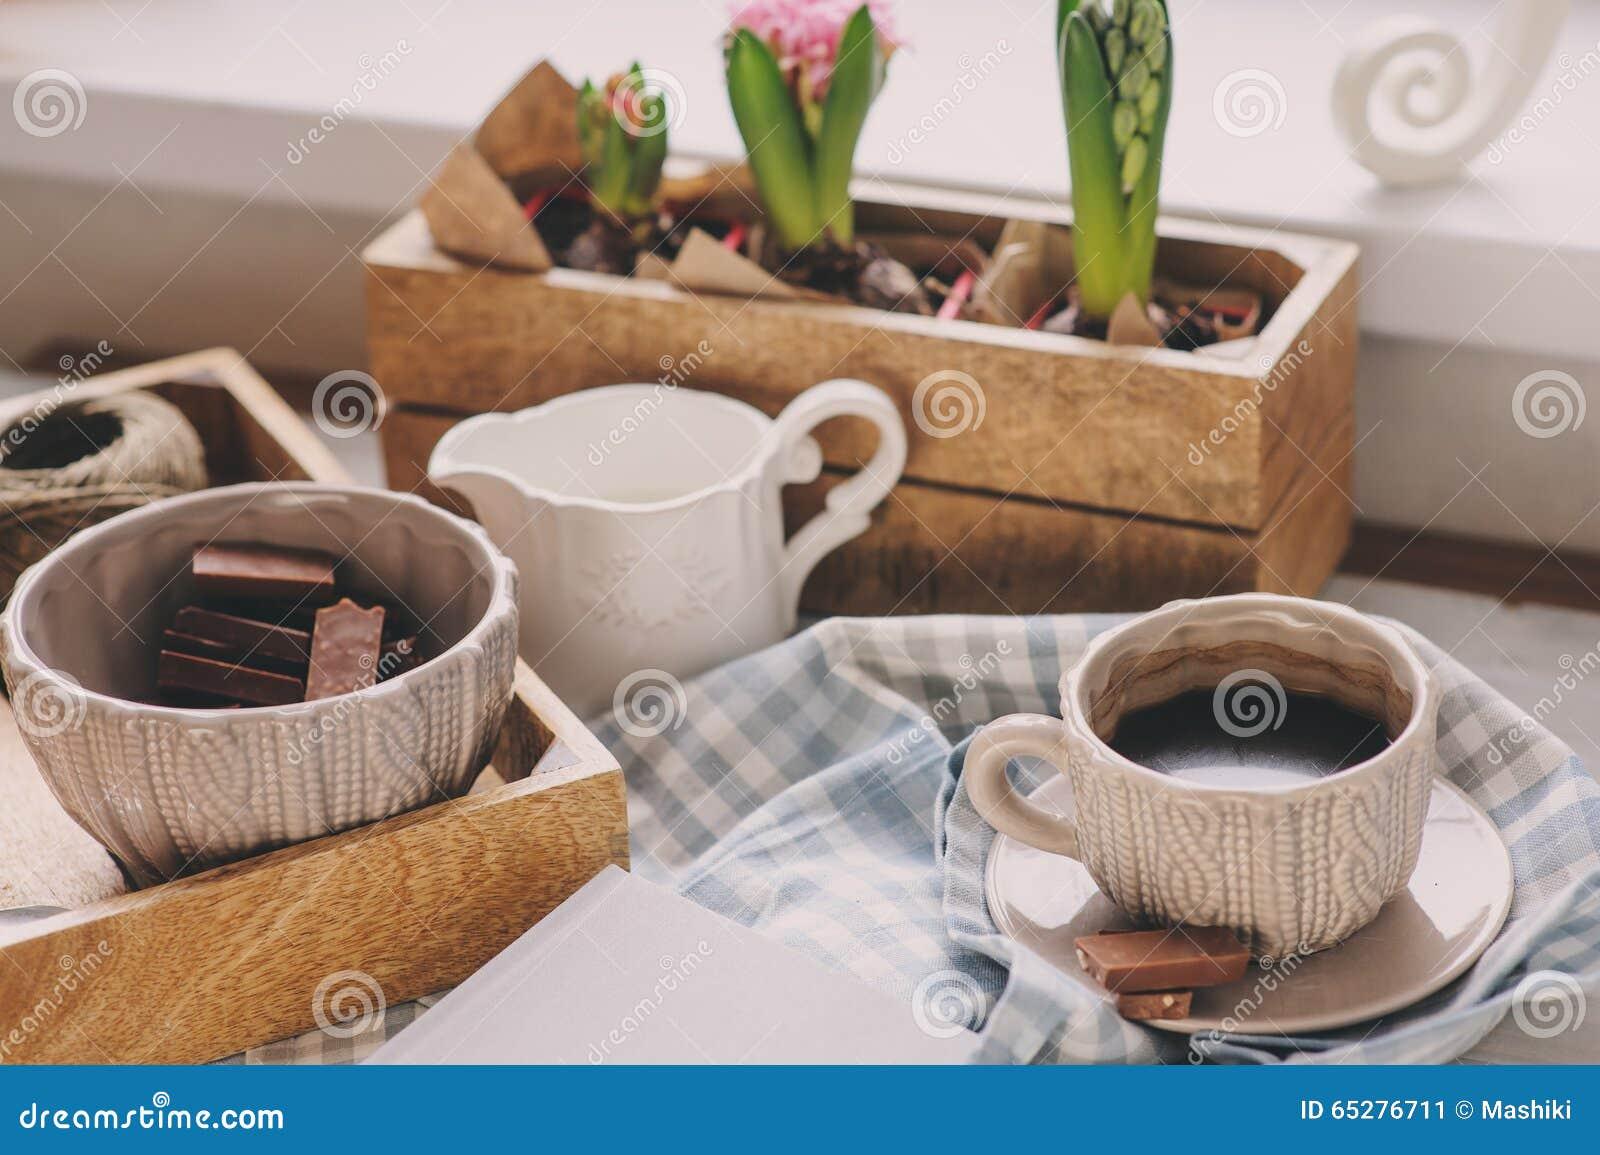 Gemütlicher Winter Oder Frühlingsmorgen Zu Hause Kaffee, Milch Und ... Blumen Behaltern Zu Hause